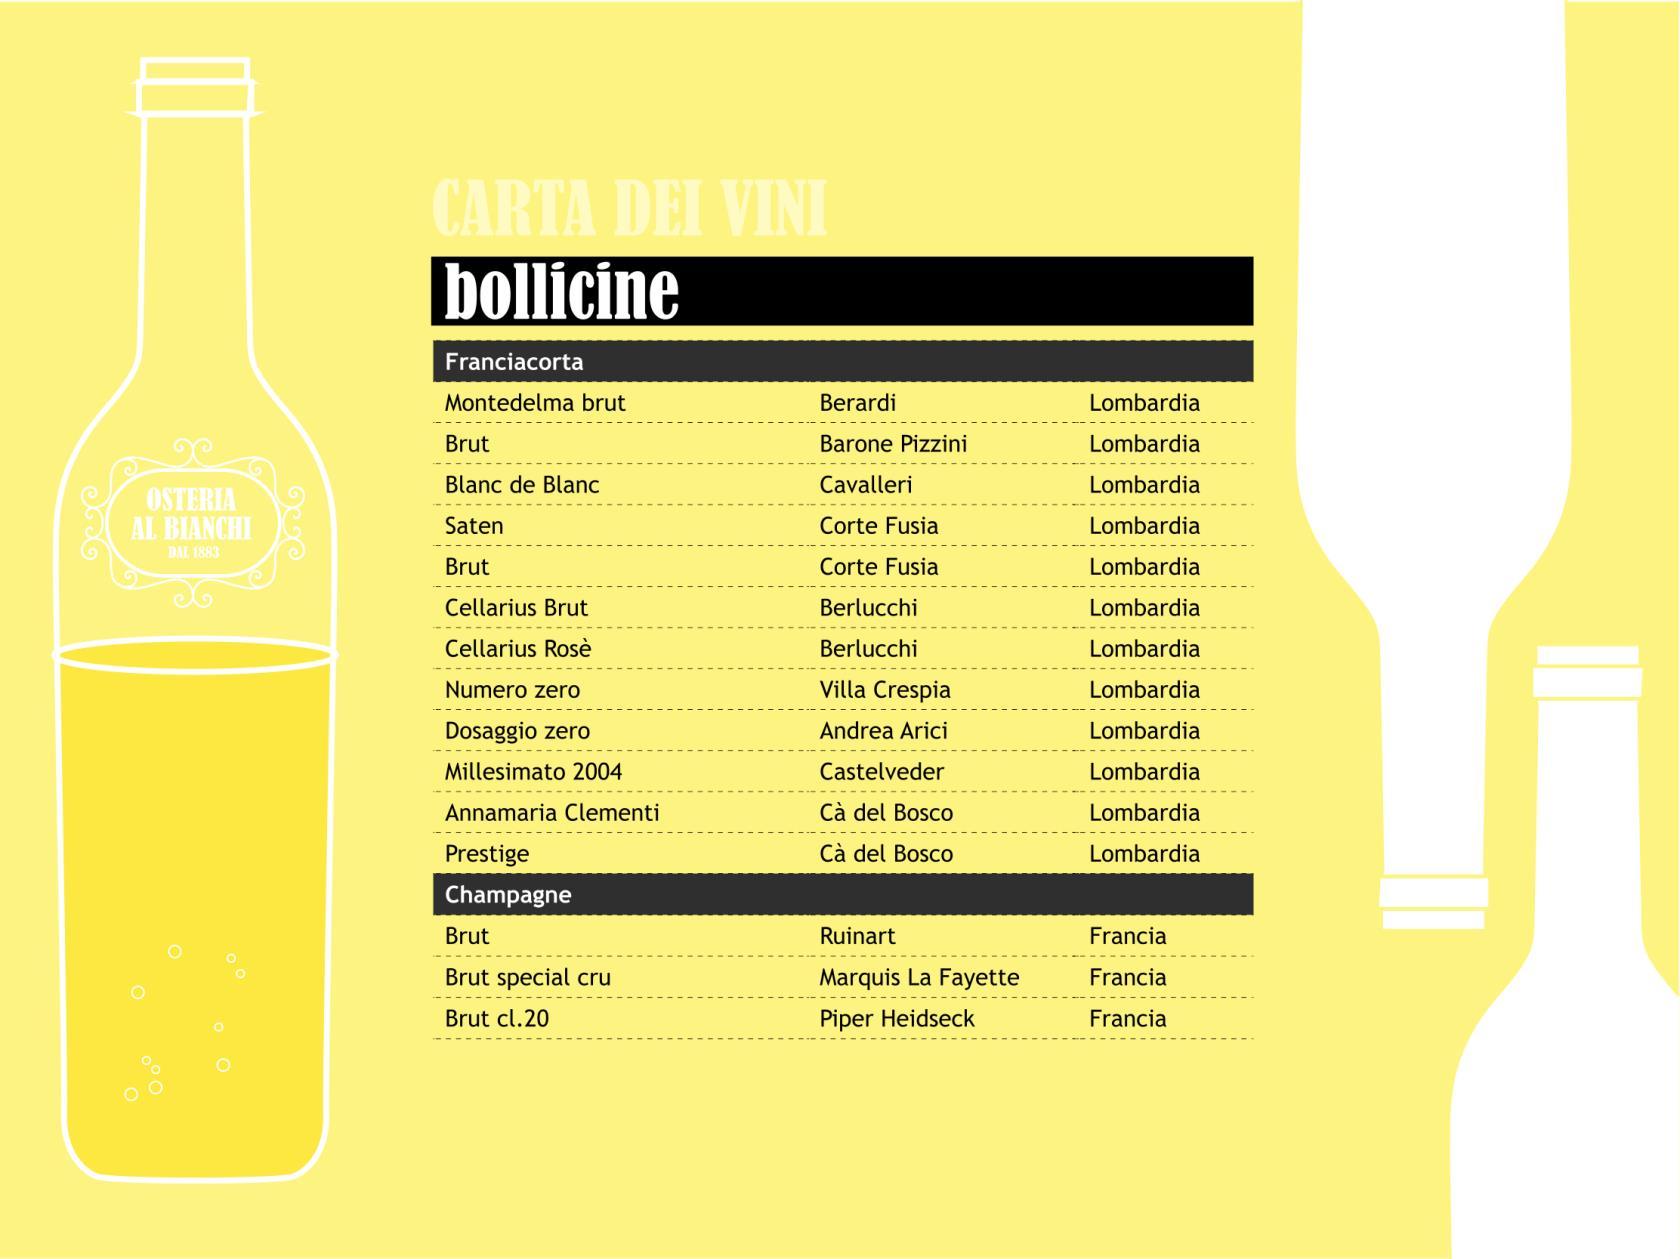 carta dei vini da aperitivo - bollicine - prosecco - spumante - champagne - prosecco della franciacorta - osteria al bianchi trattoria tipica brescia centro